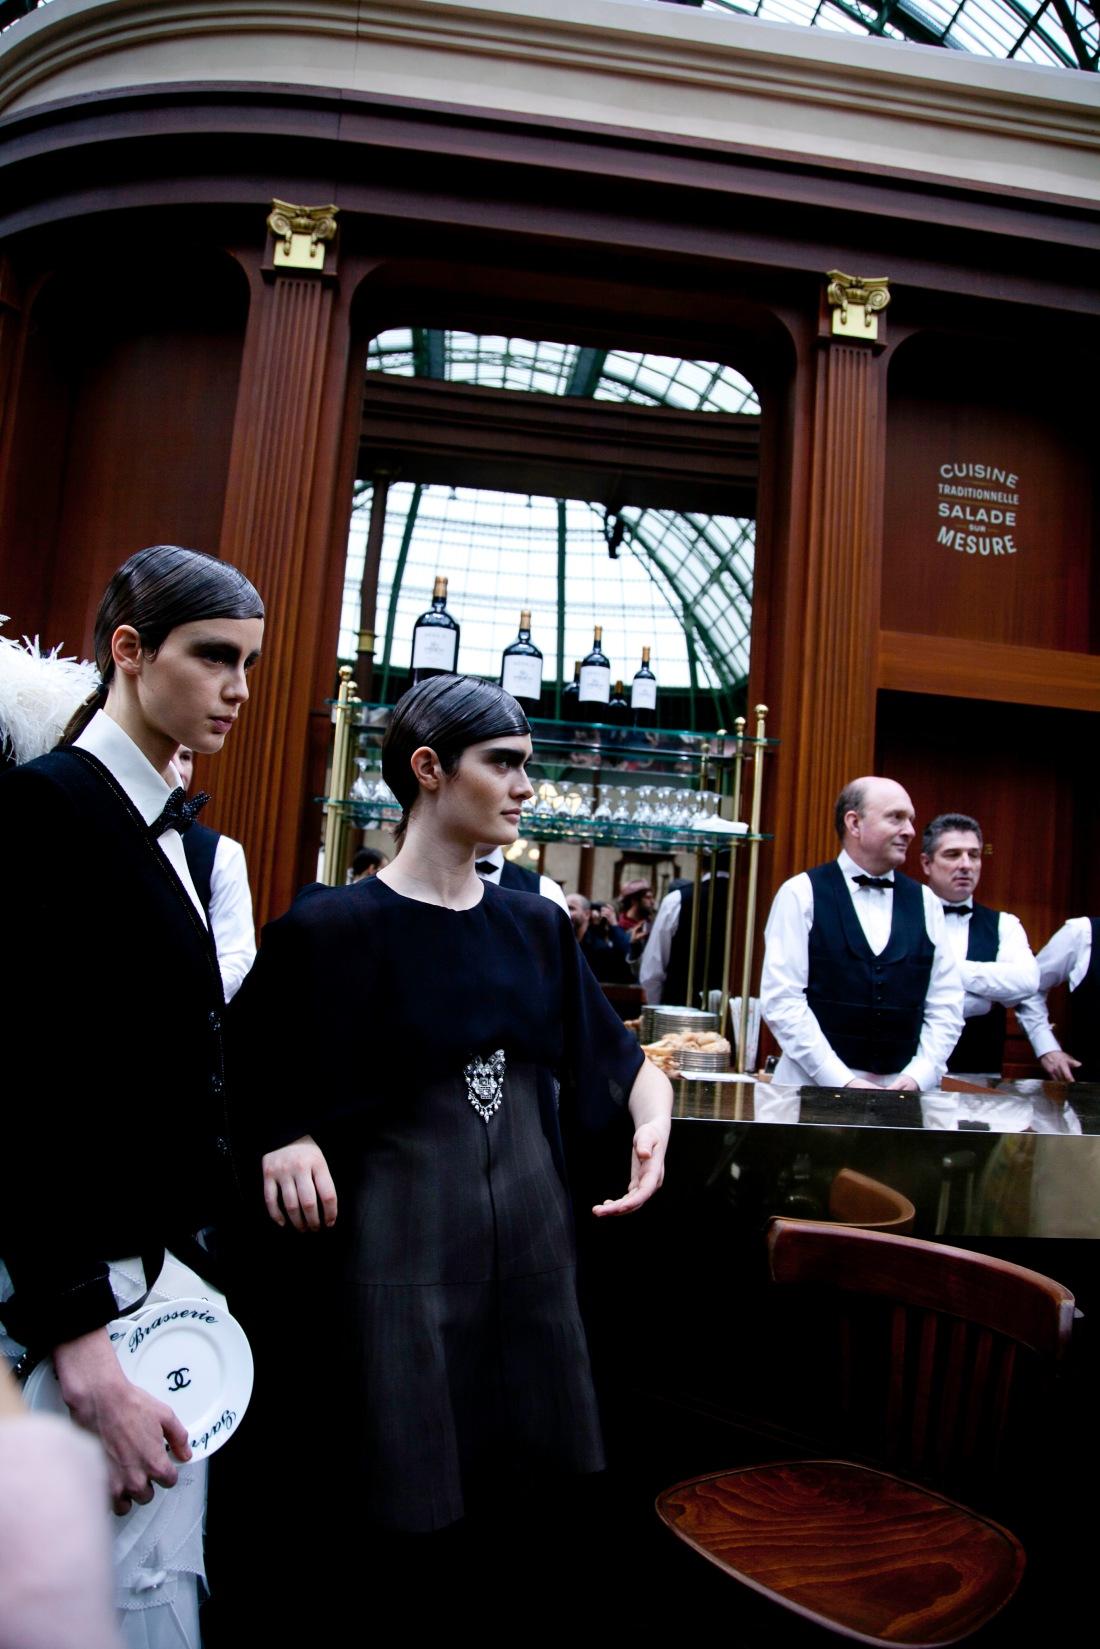 Chanel_BrasserieAW201511541154